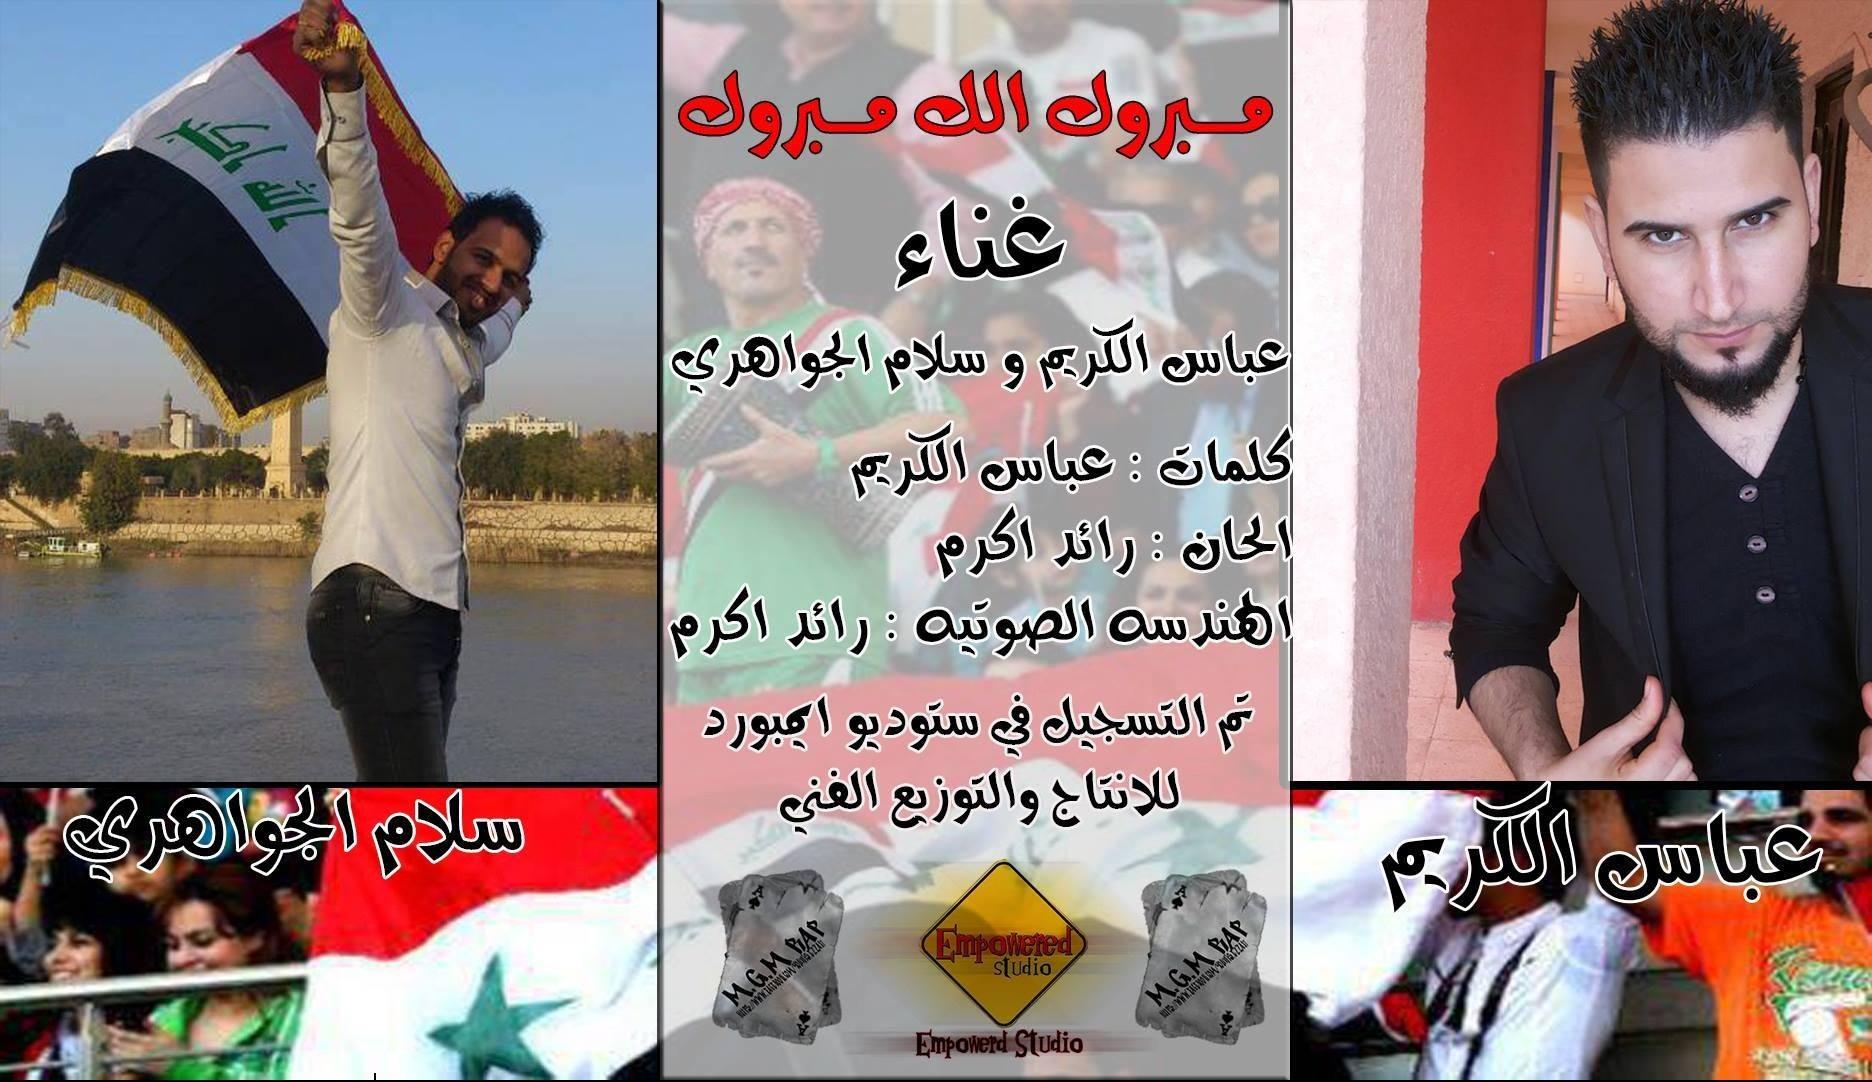 تحميل اغنية مبروك مبروك عباس